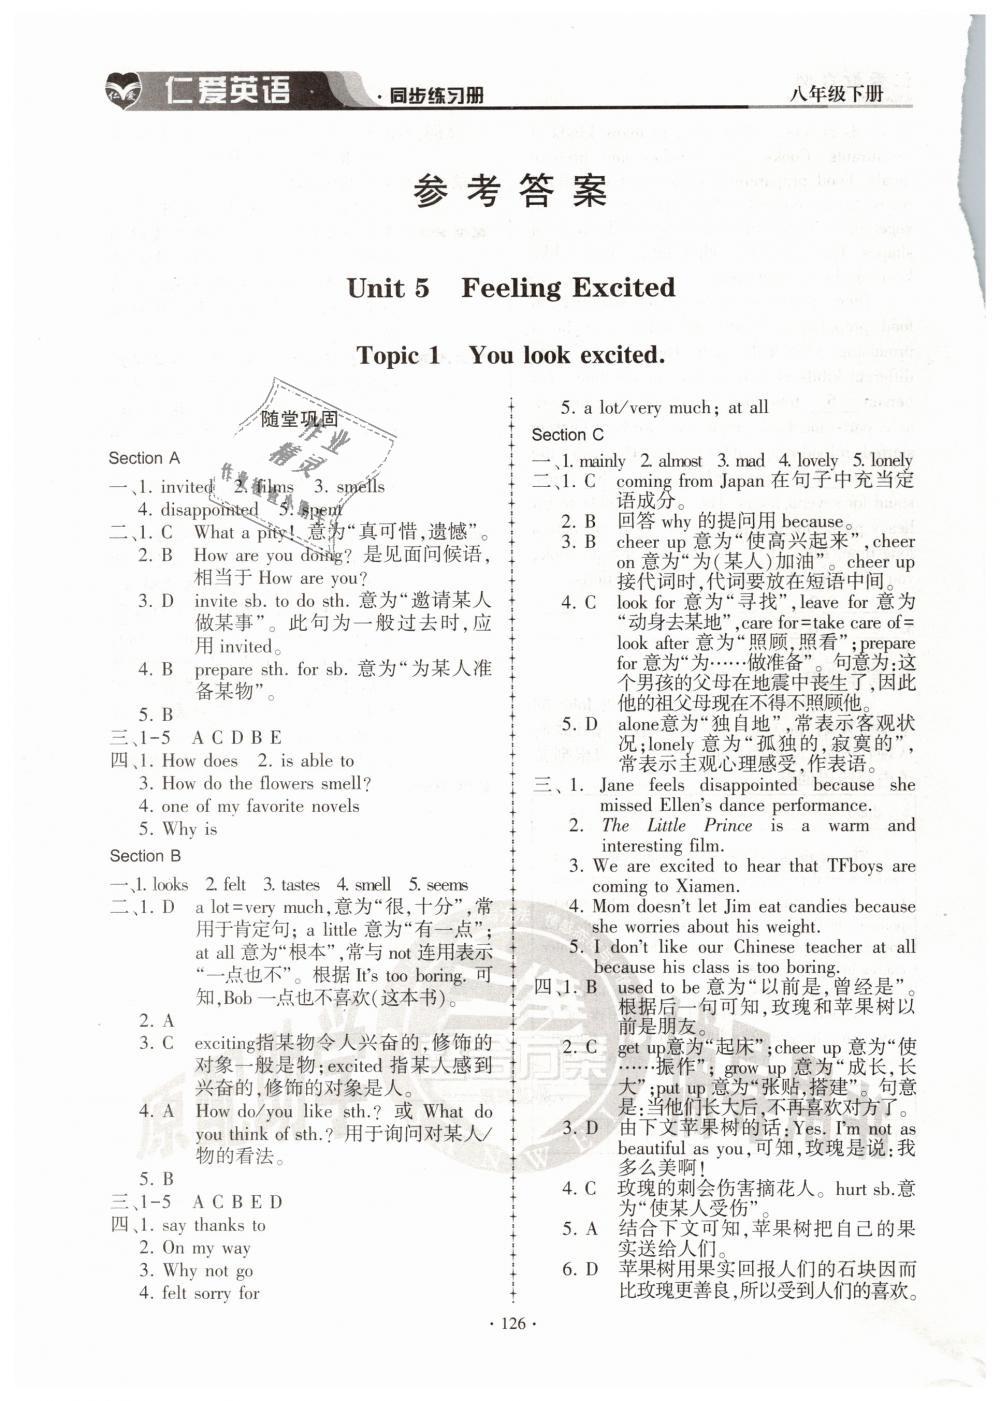 2019年仁爱英语同步练习册八年级下册仁爱版第1页